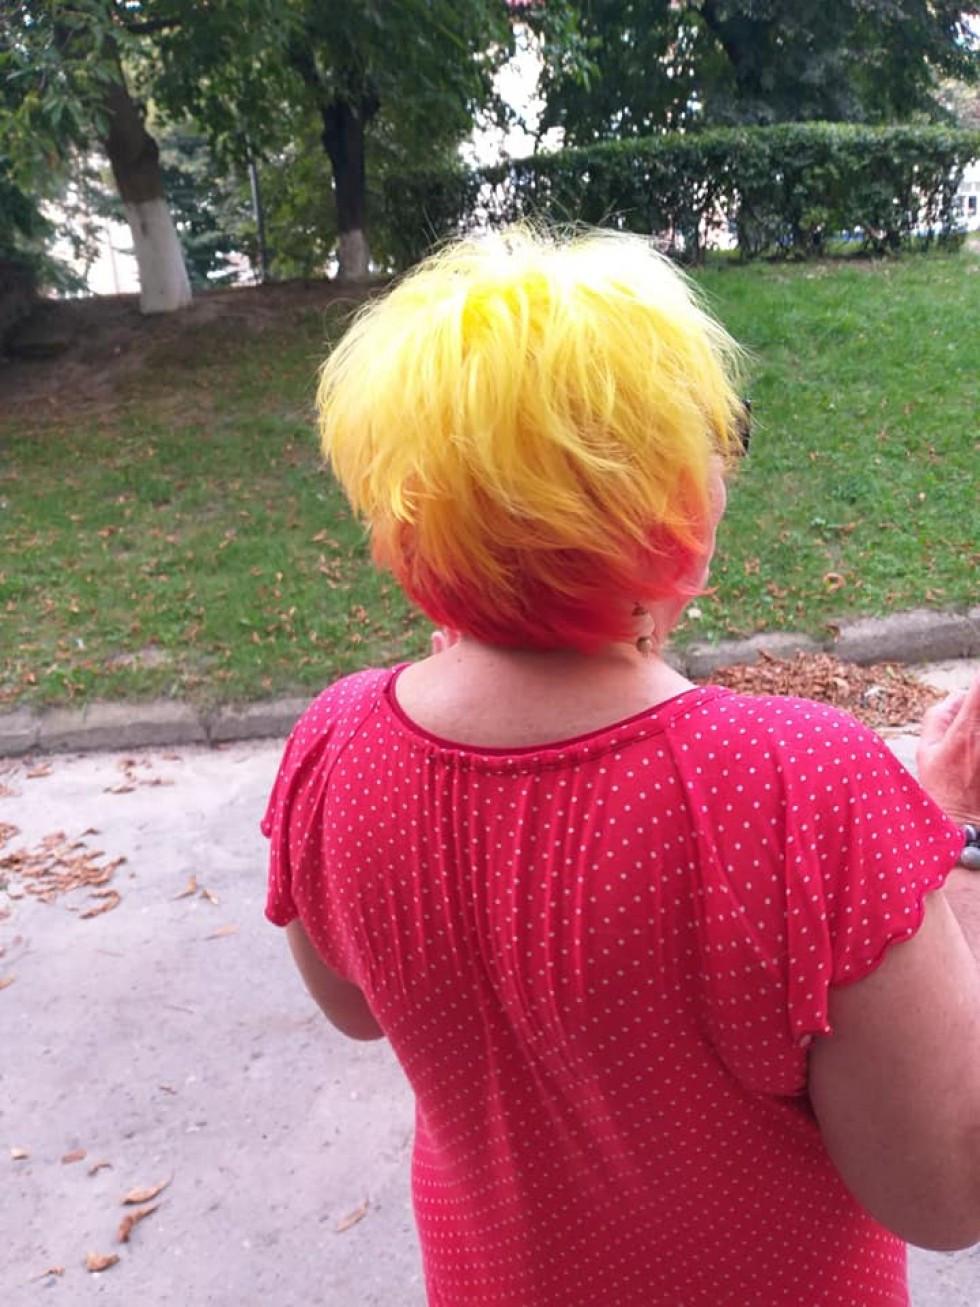 Тепер у Алли - волосся сонячного кольору